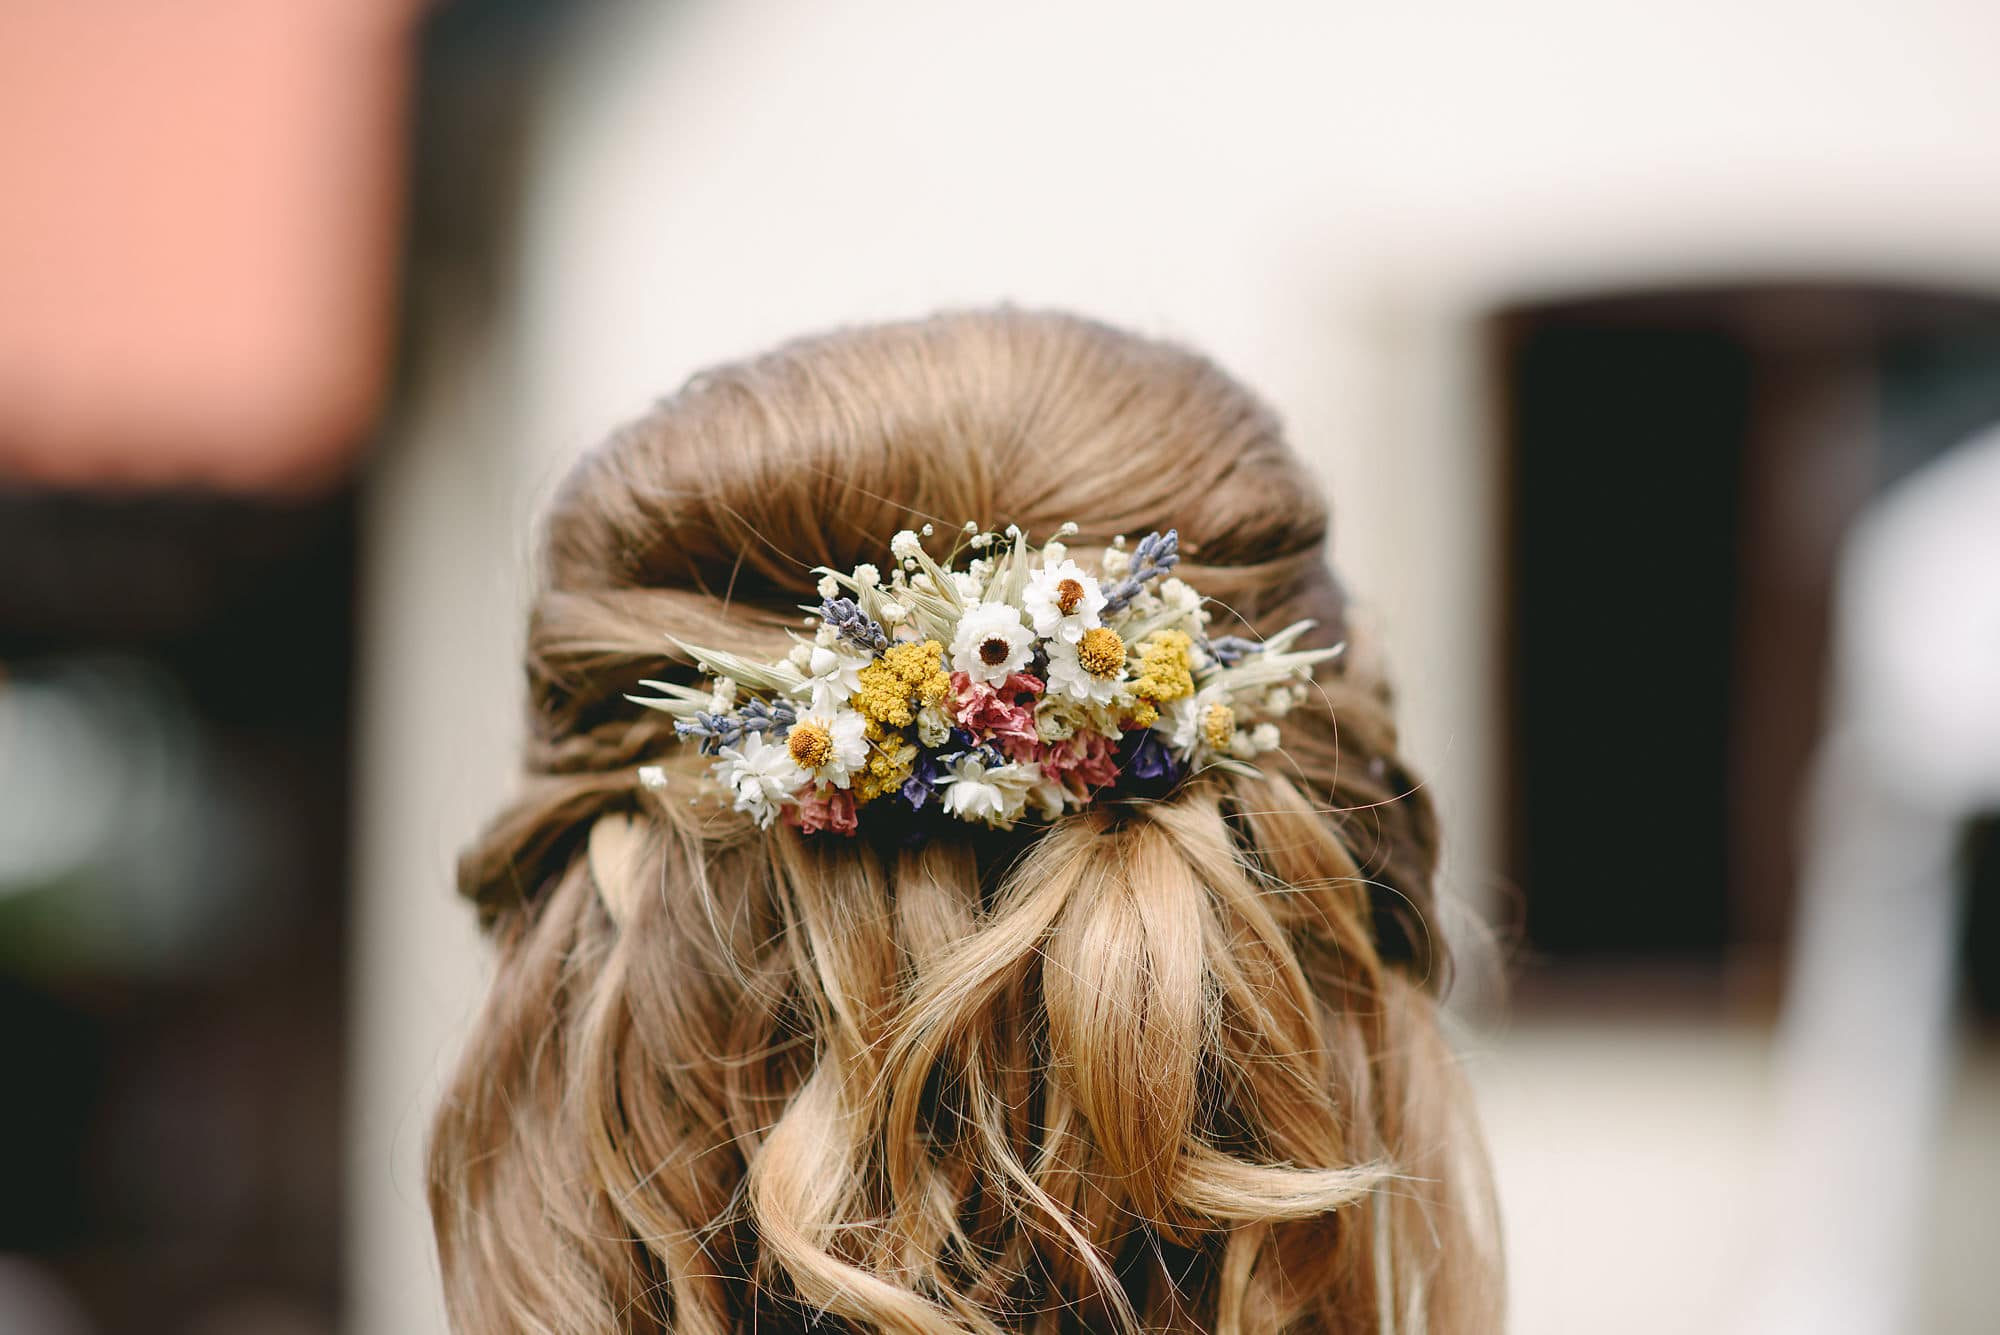 geldeston-locks-norfolk-wedding-9